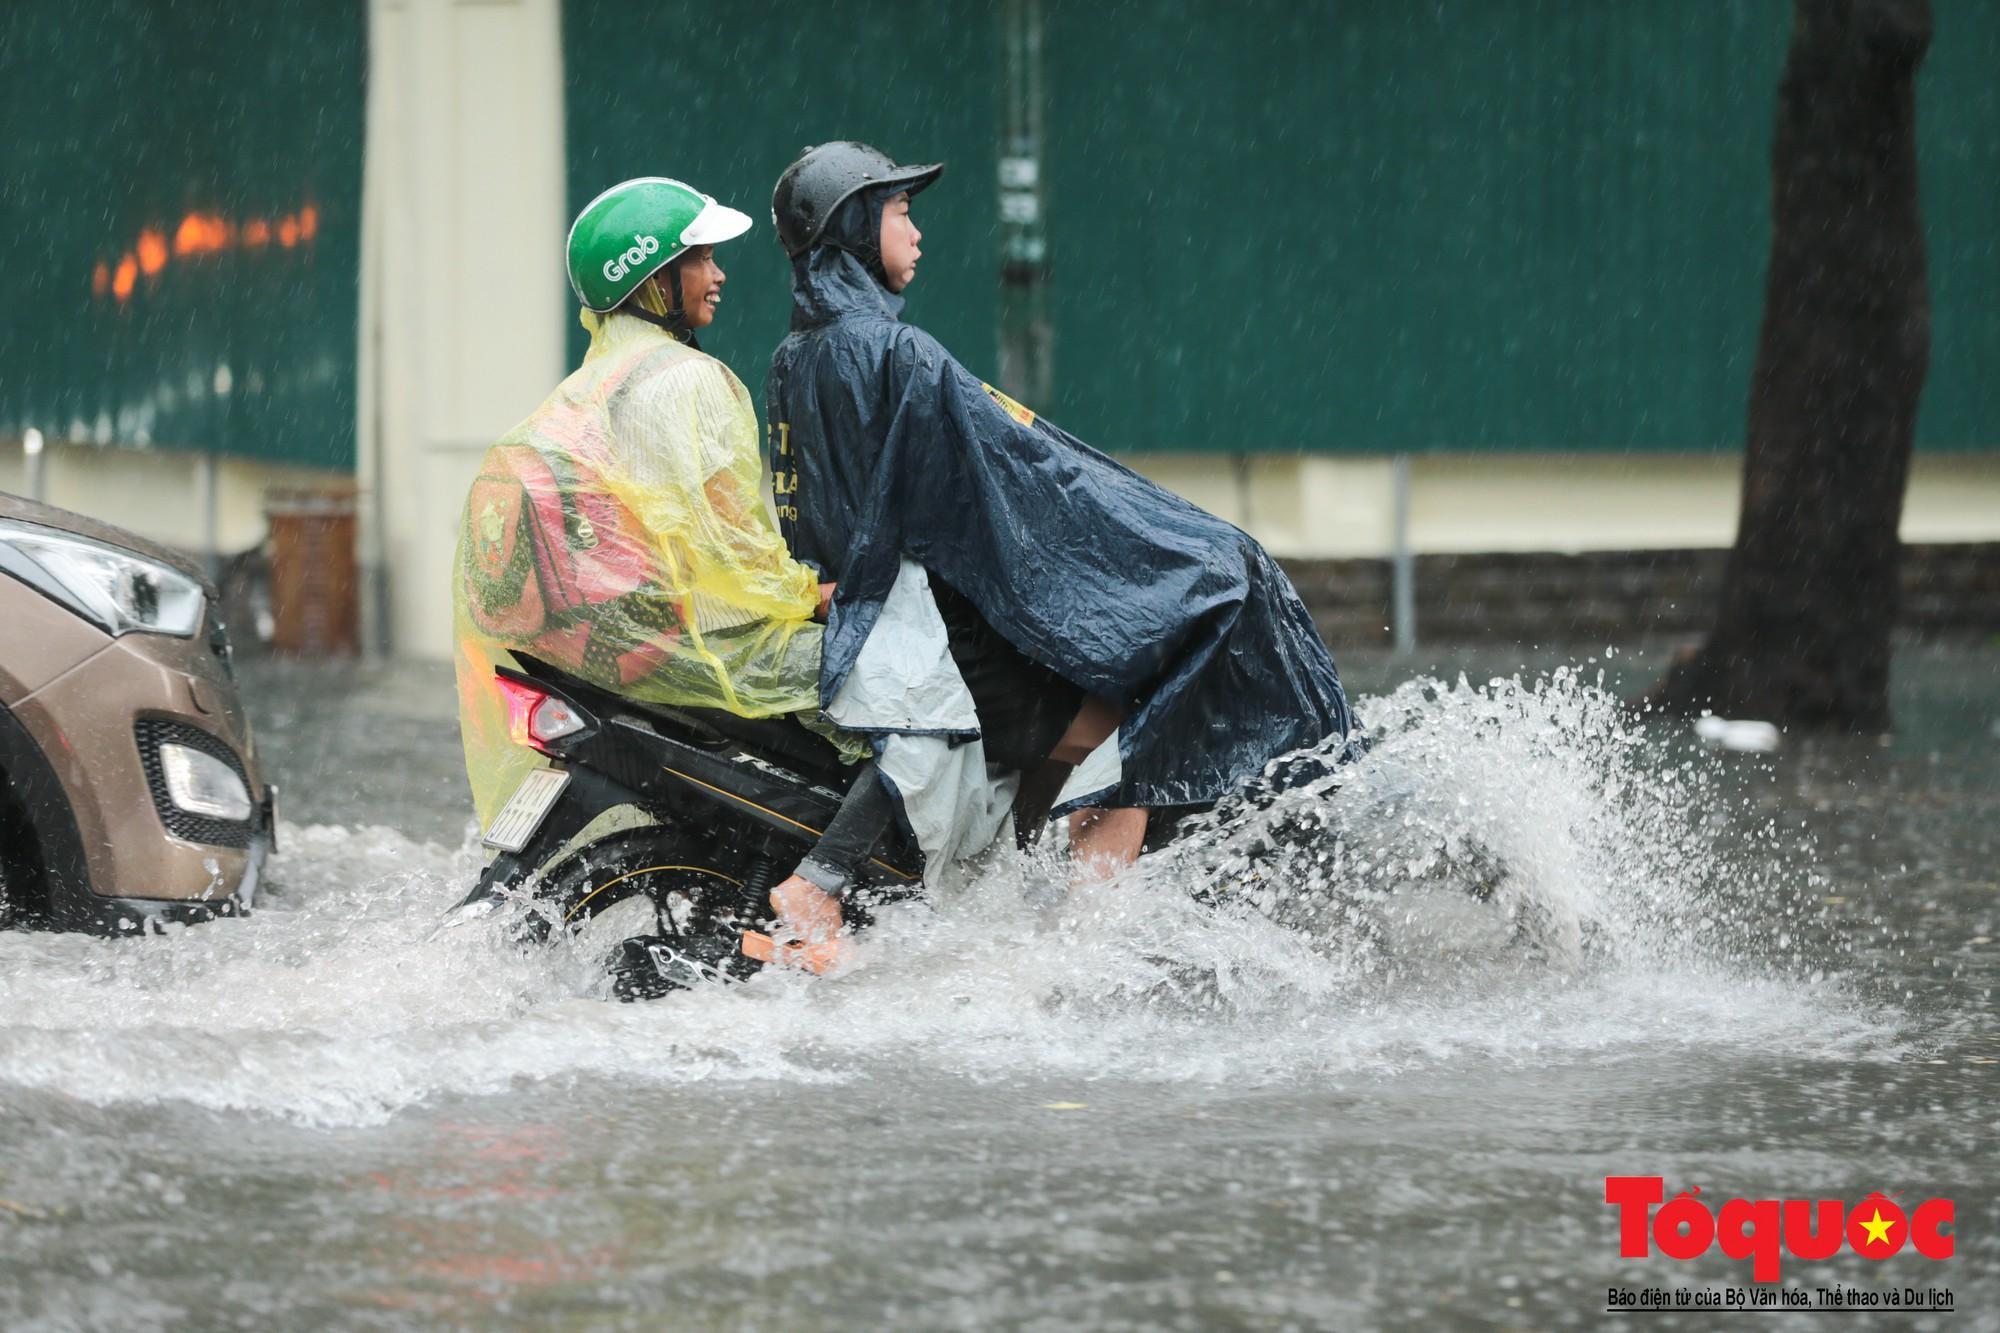 Hà Nội mưa lớn, xế hộp tập bơi qua tuyến phố ngâp nước (2)